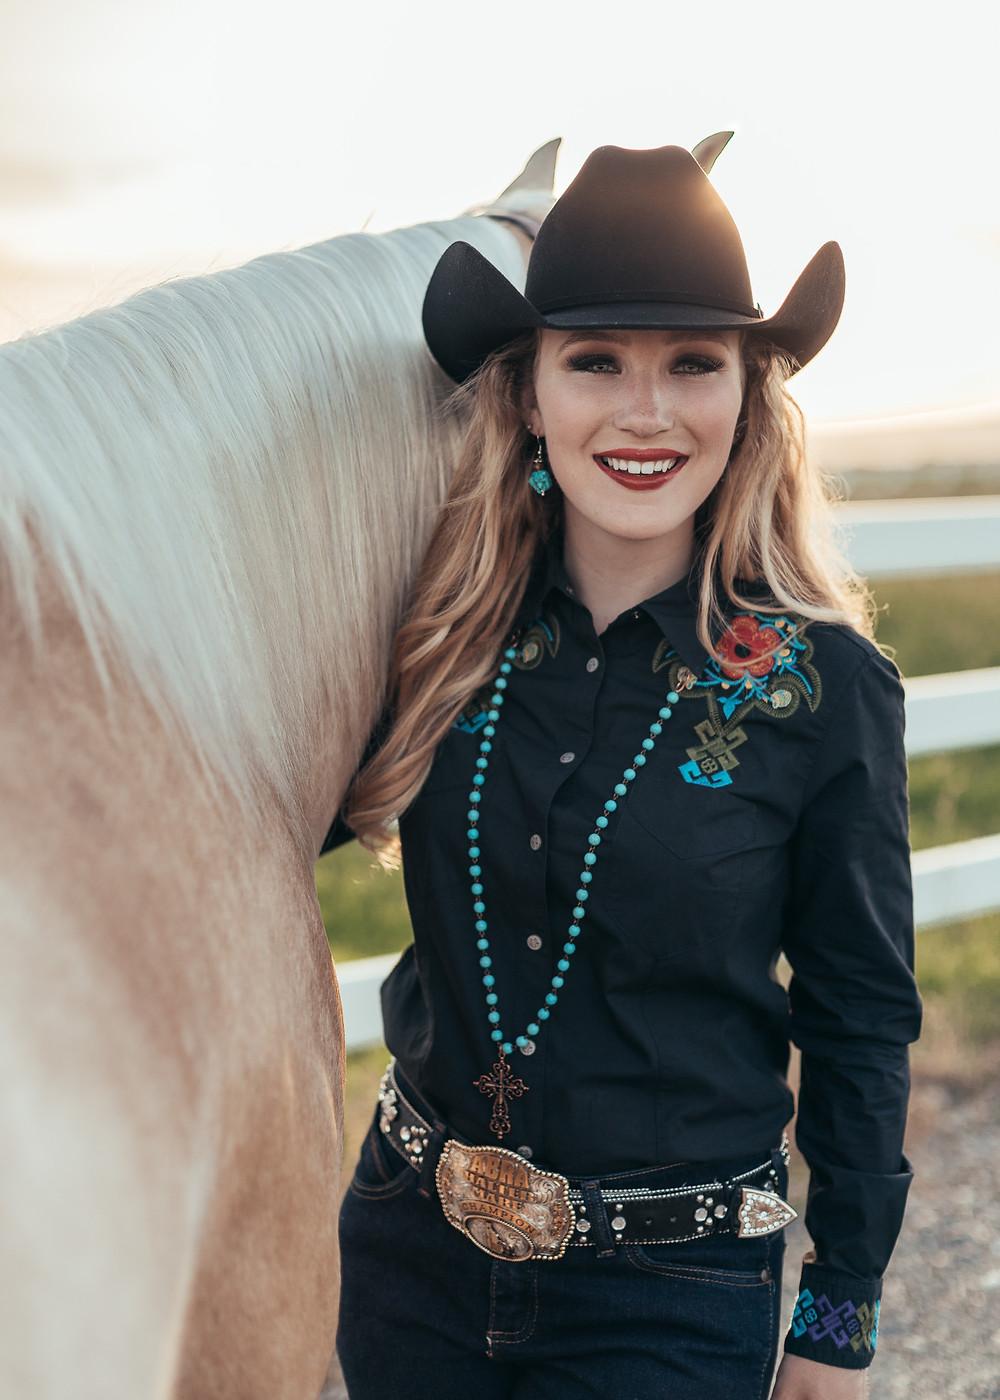 Shelby Eckenberg